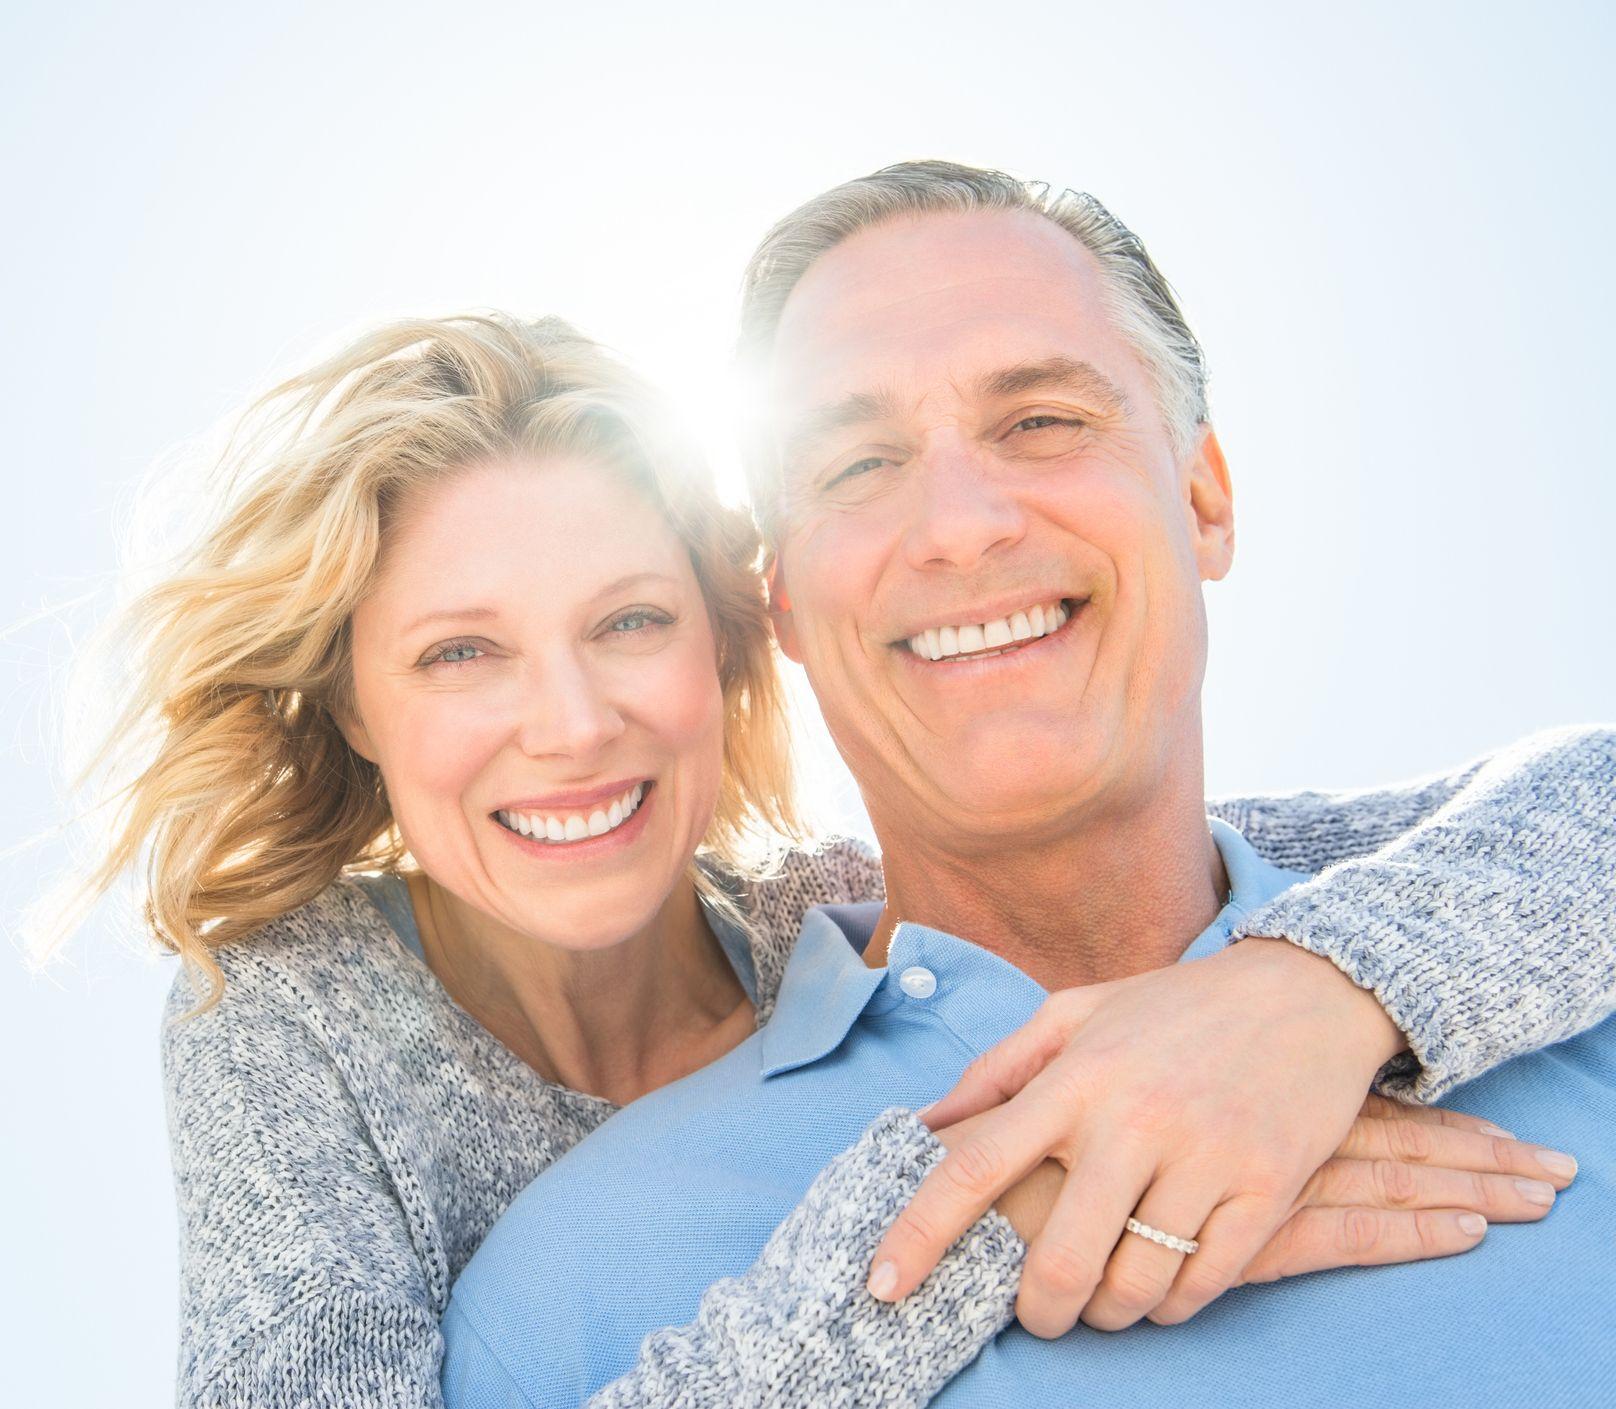 Čo vo vyššom veku prináša nová láska? Zahoďte predsudky, no buďte opatrní